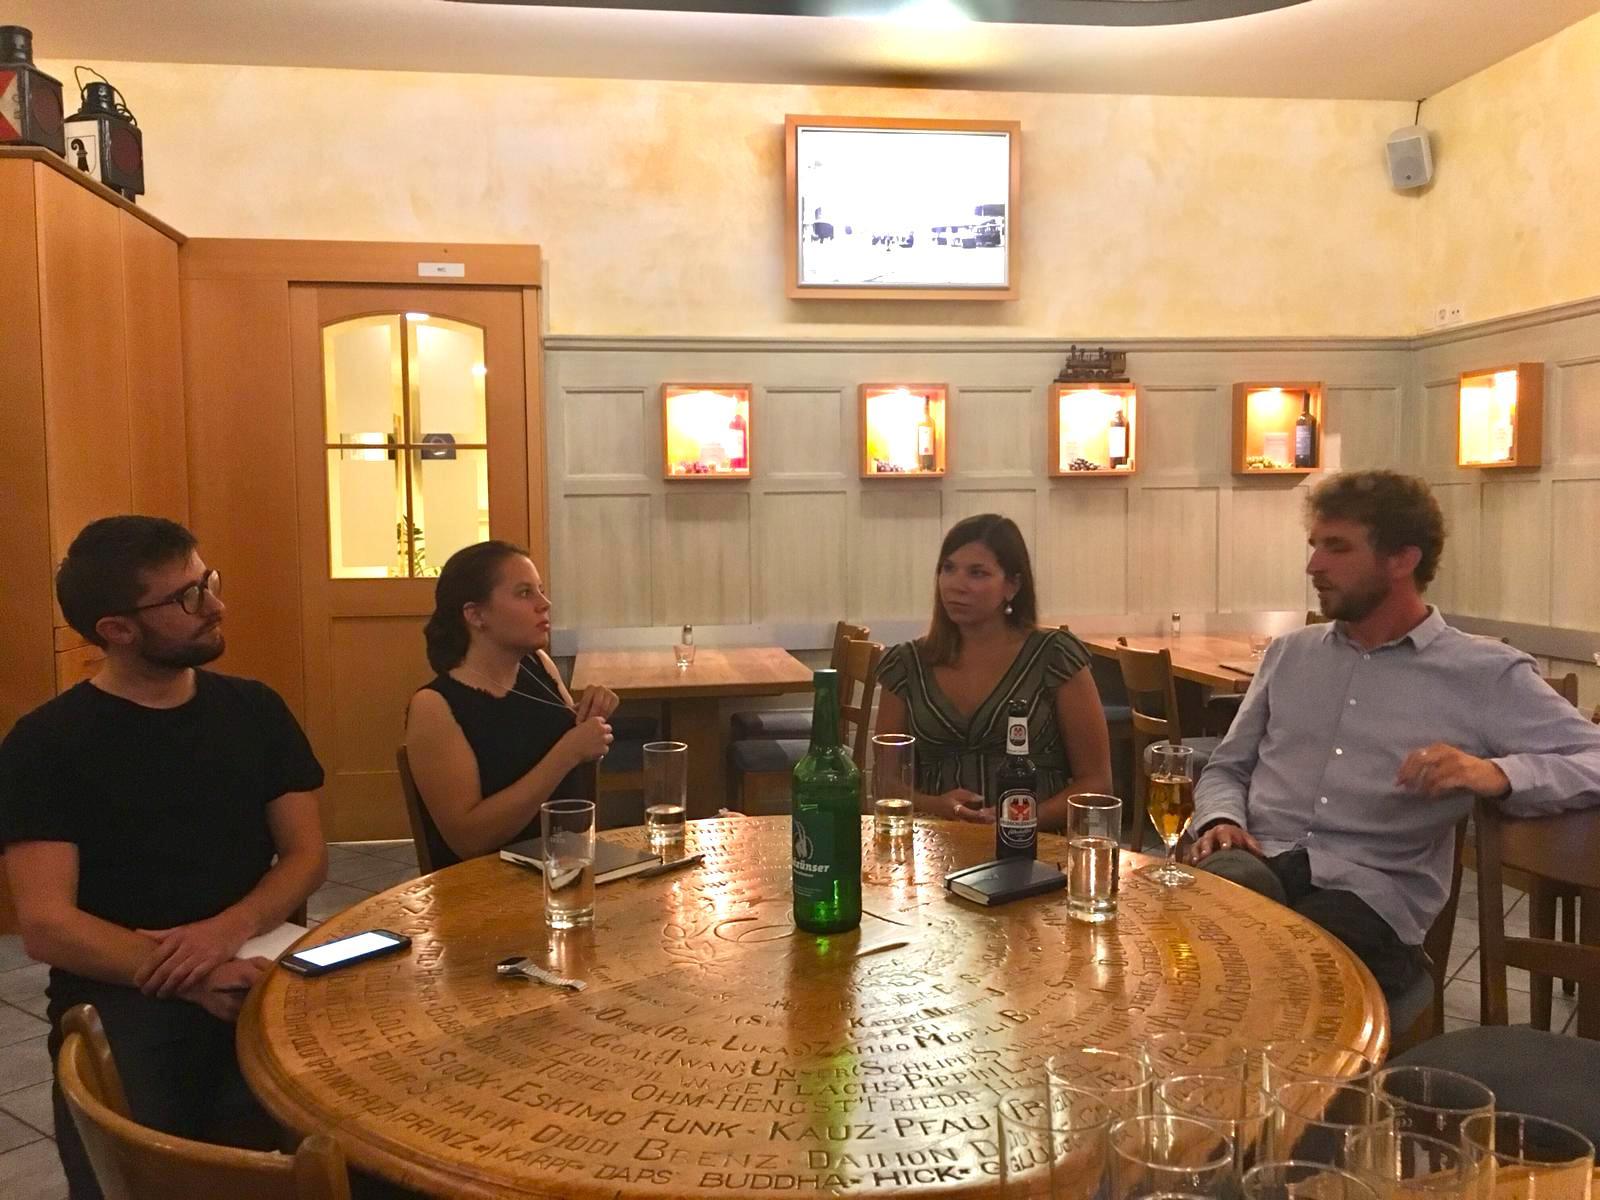 JJS-Mitglieder Daniel Faulhaber (links) und Martina Polek (2.v.l.) sprachen mit Céline Feller (2.v.r.) und Samuel Waldis (rechts).